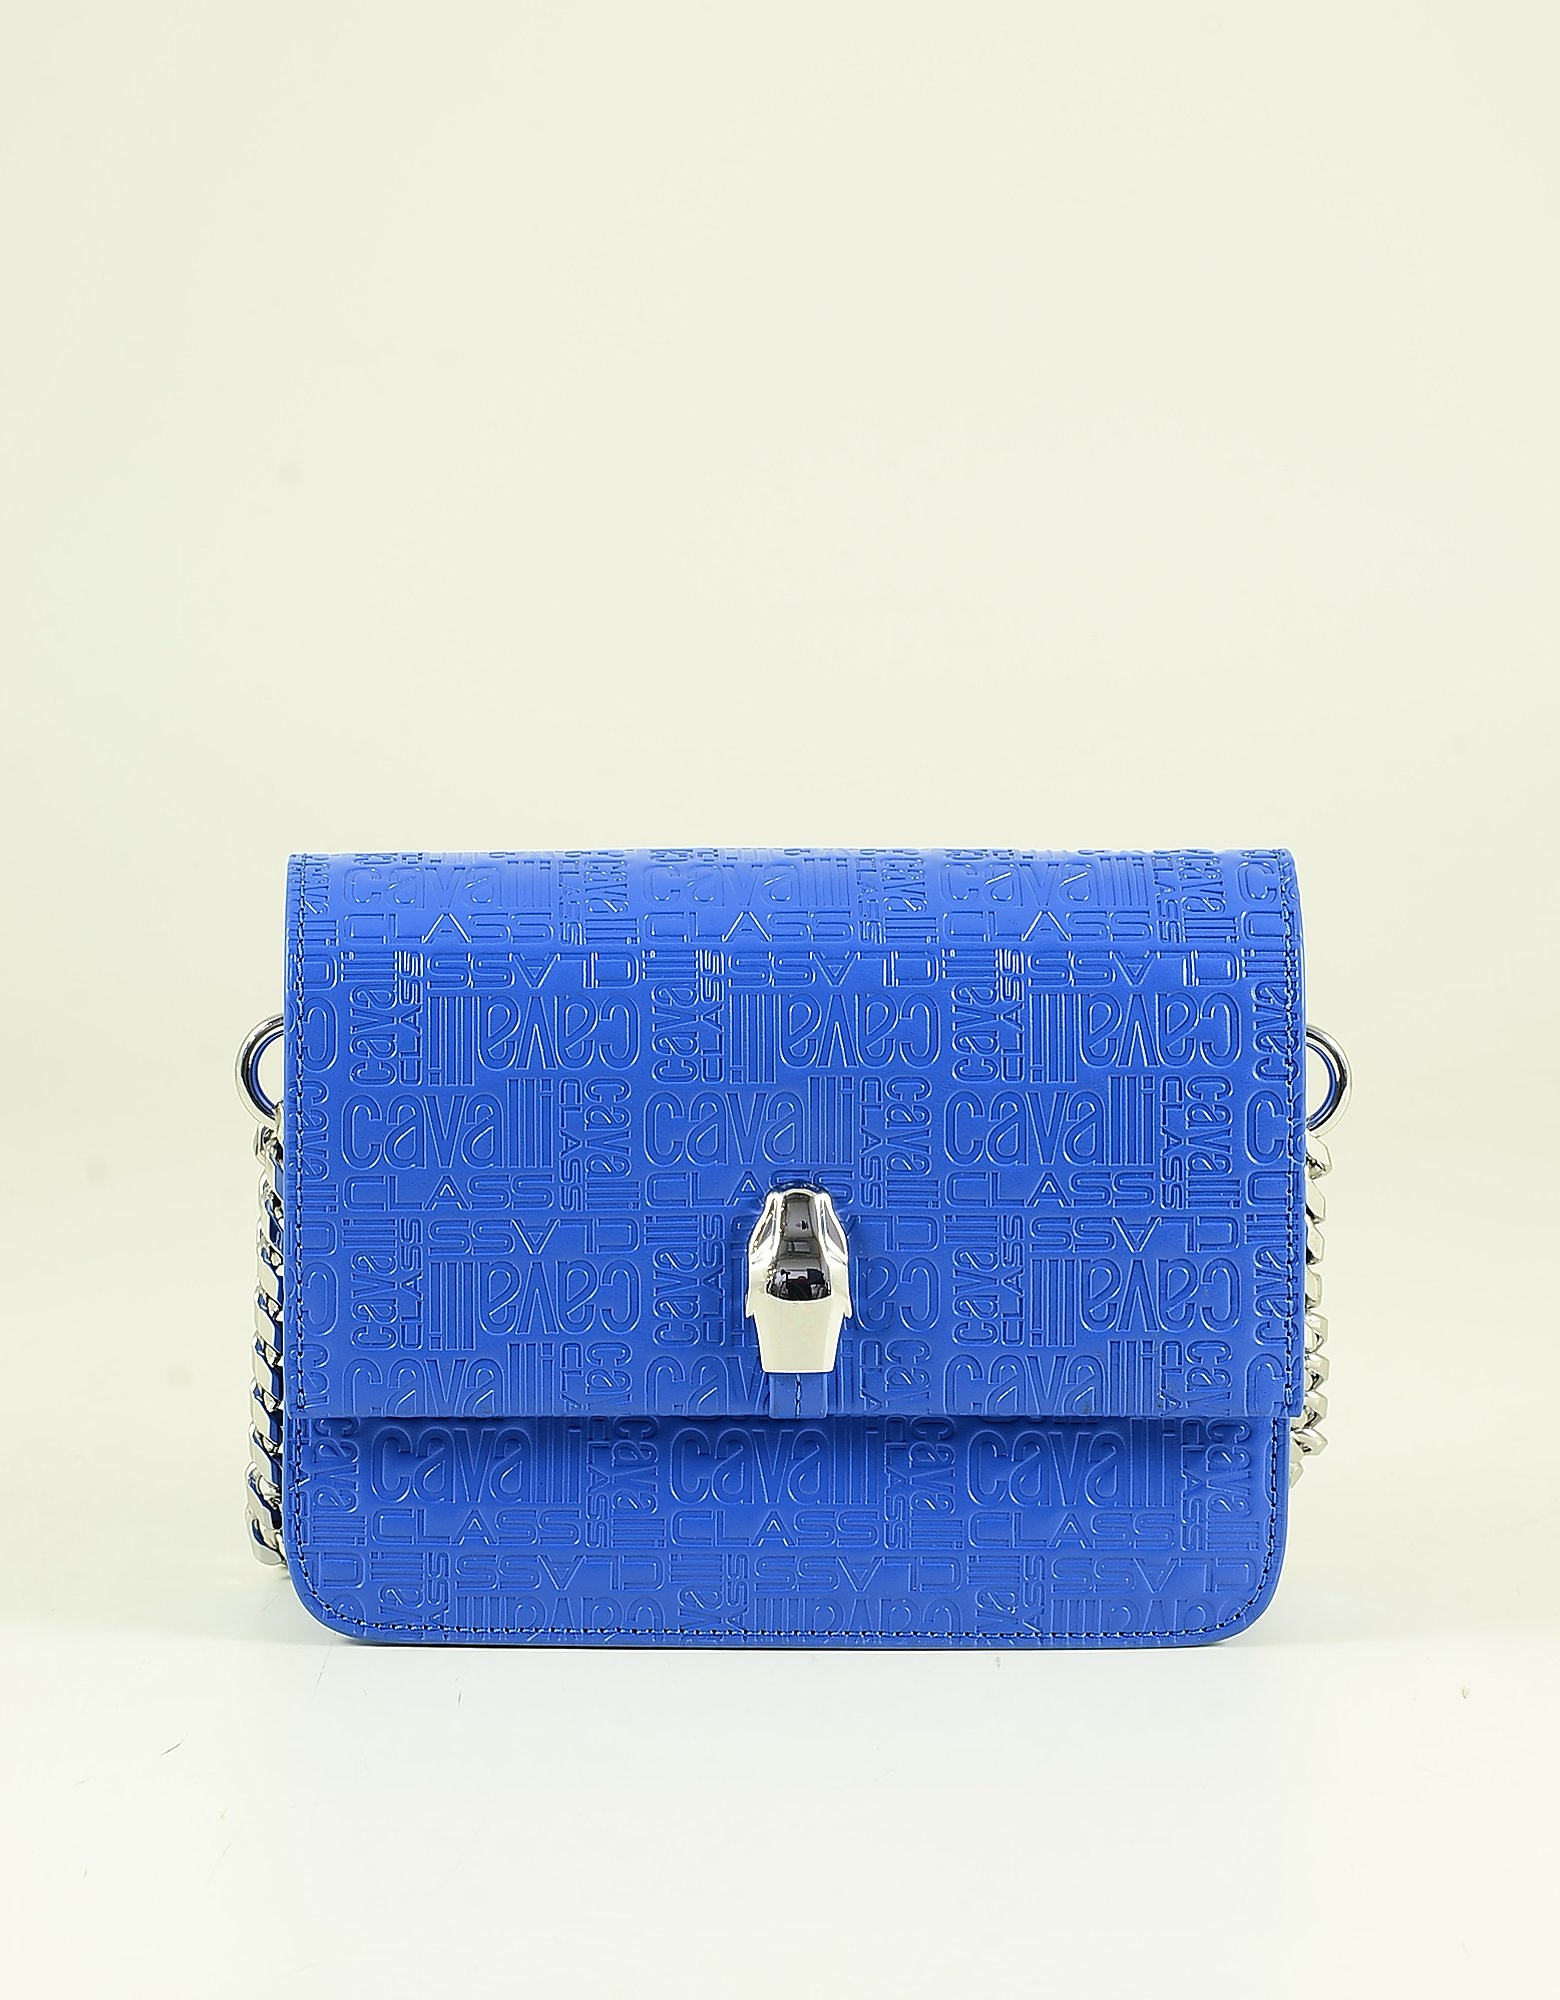 Class Roberto Cavalli BRIGHT BLUE SIGNATURE SHOULDER BAG